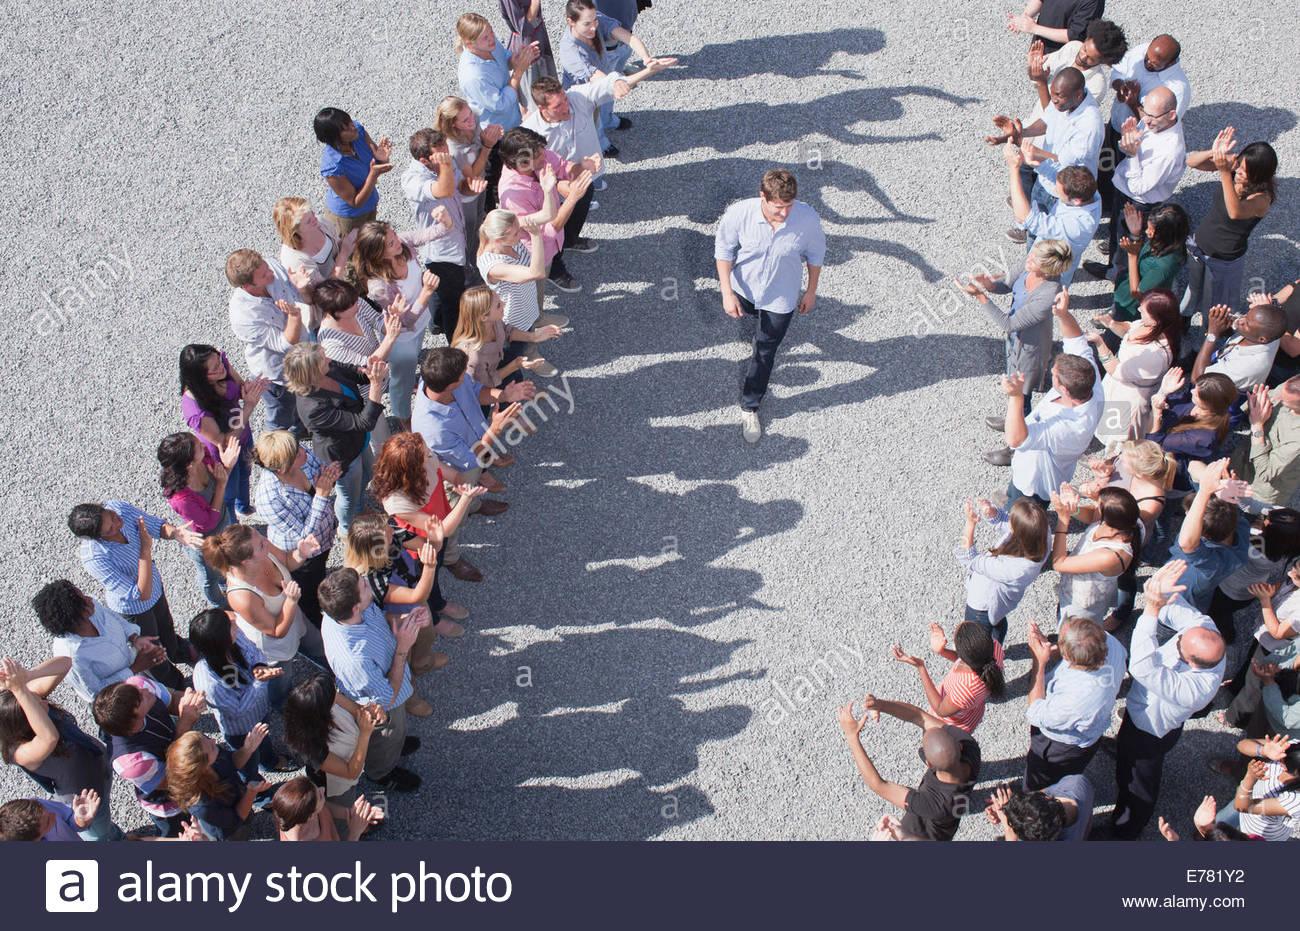 Uomo che cammina tra due gruppi di persone, persone che applaudono Immagini Stock